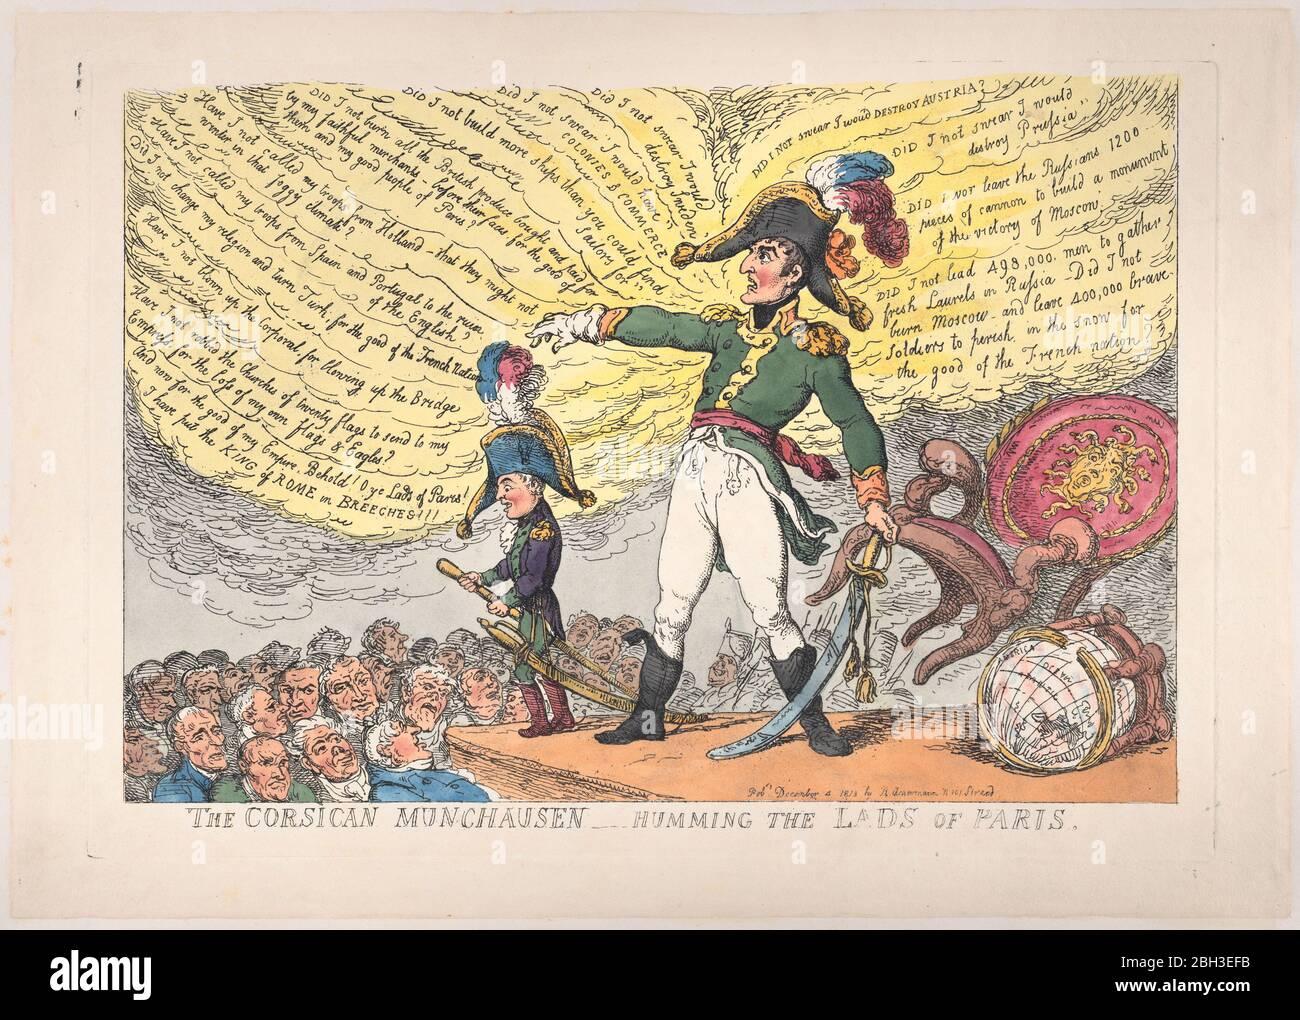 El Munchausen corso - el zumbido de los Lads de París, 4 de diciembre de 1813. Foto de stock